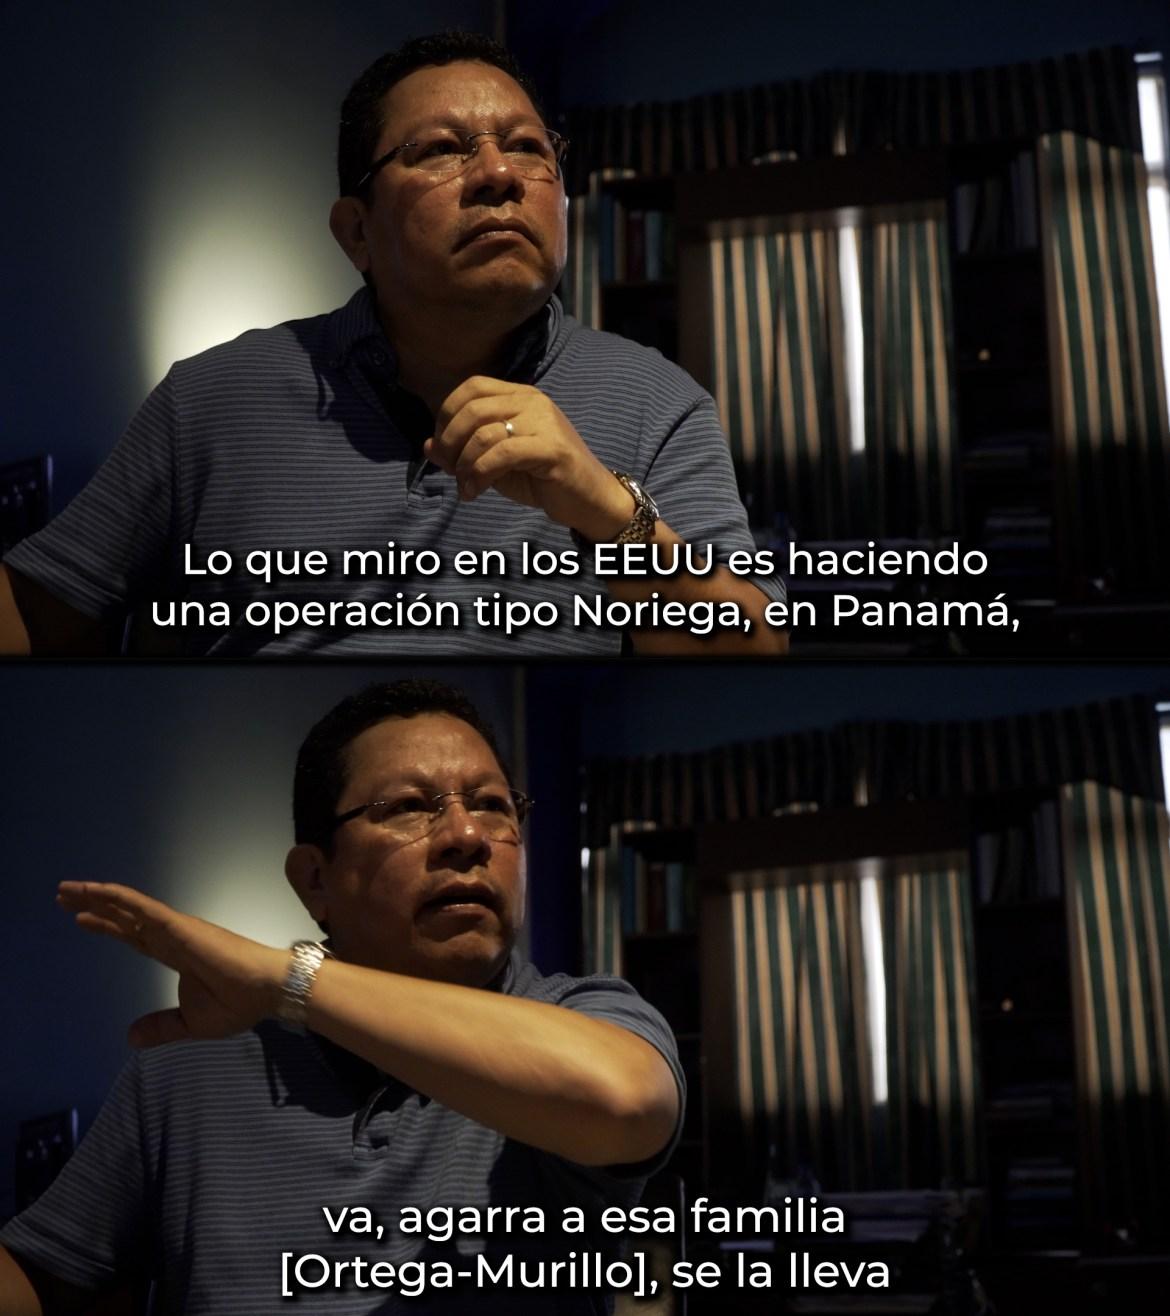 Miguel Mora Nicaragua EEUU invasion tipo Noriega